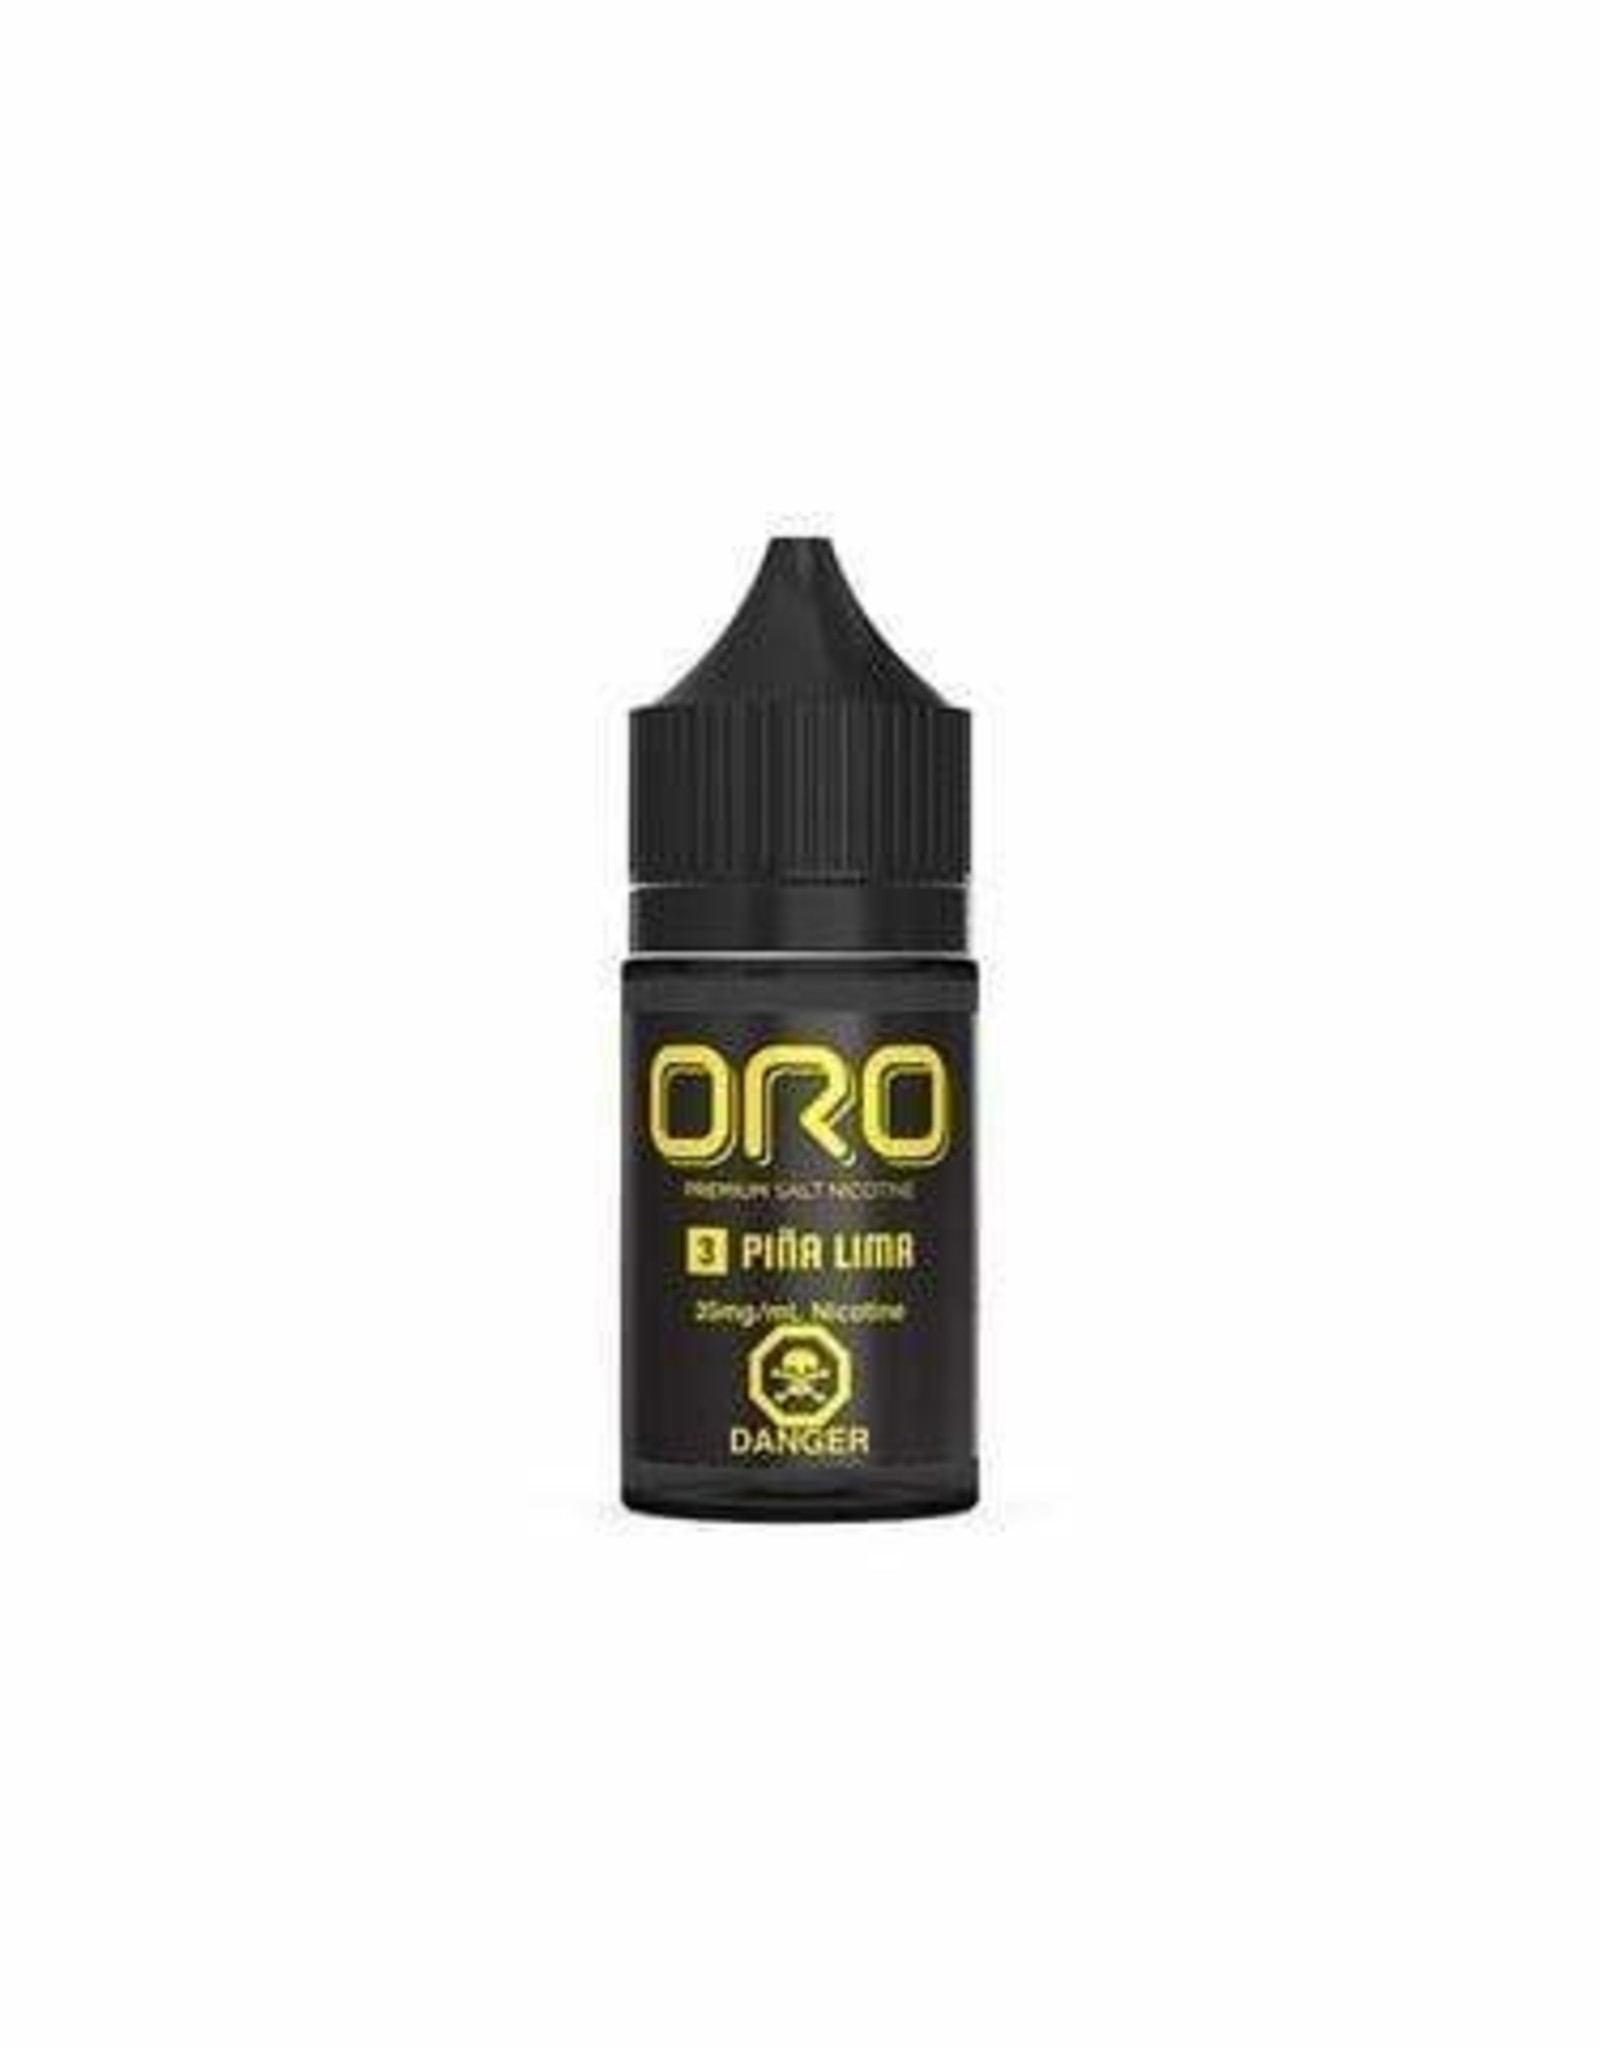 ORO Limonada by ORO (30ml)